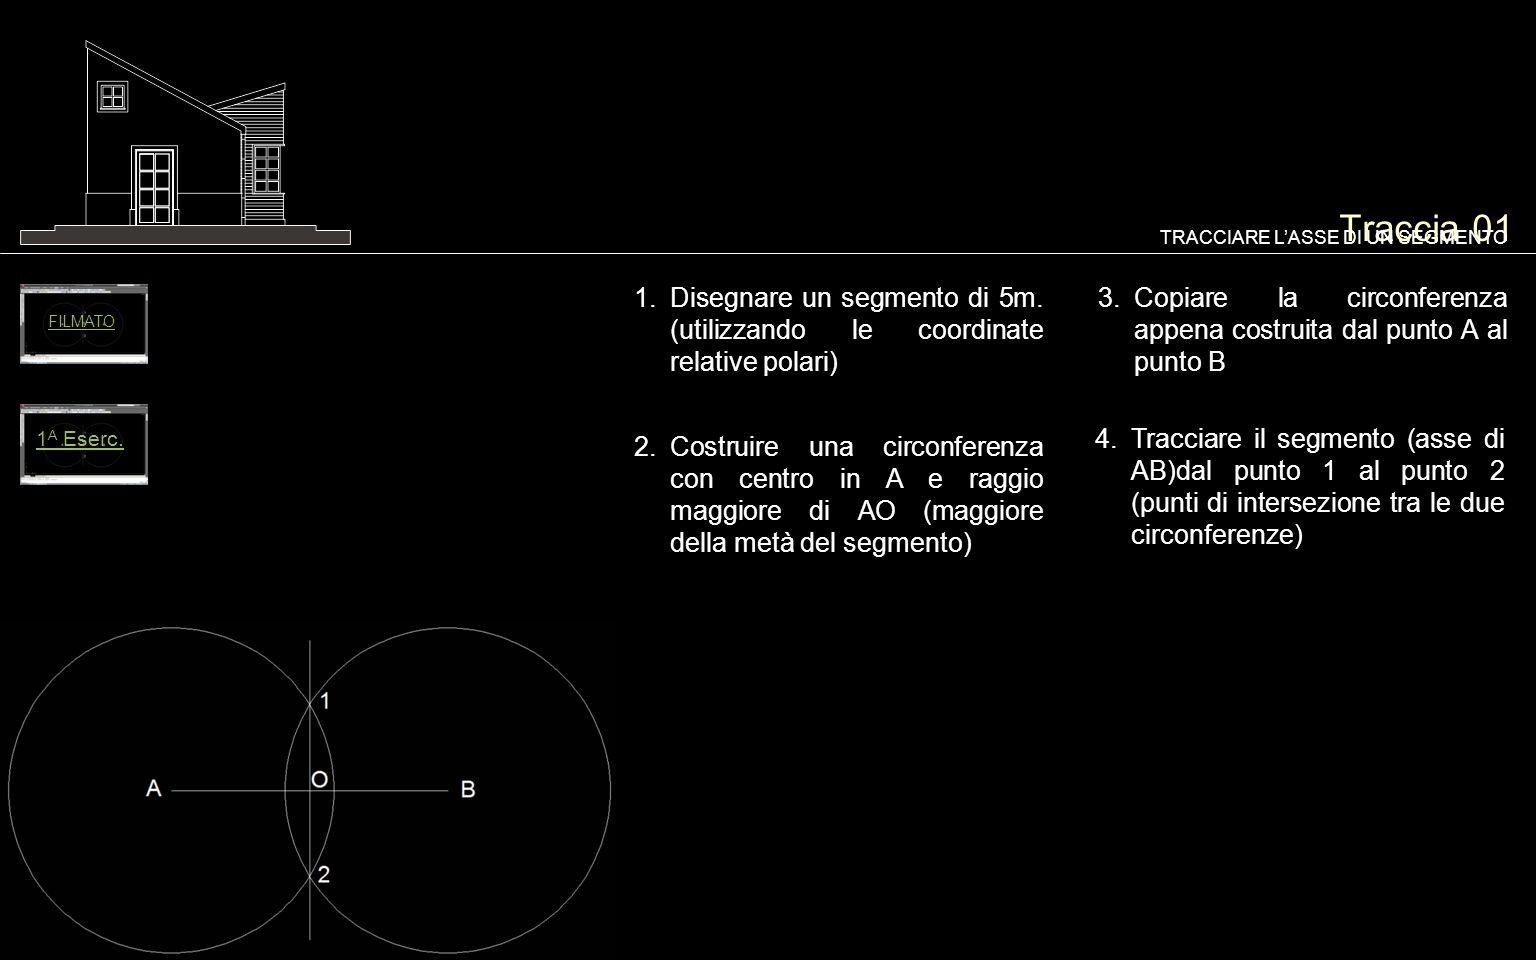 Traccia 01 1.Disegnare un segmento di 5m. (utilizzando le coordinate relative polari) TRACCIARE LASSE DI UN SEGMENTO 2.Costruire una circonferenza con